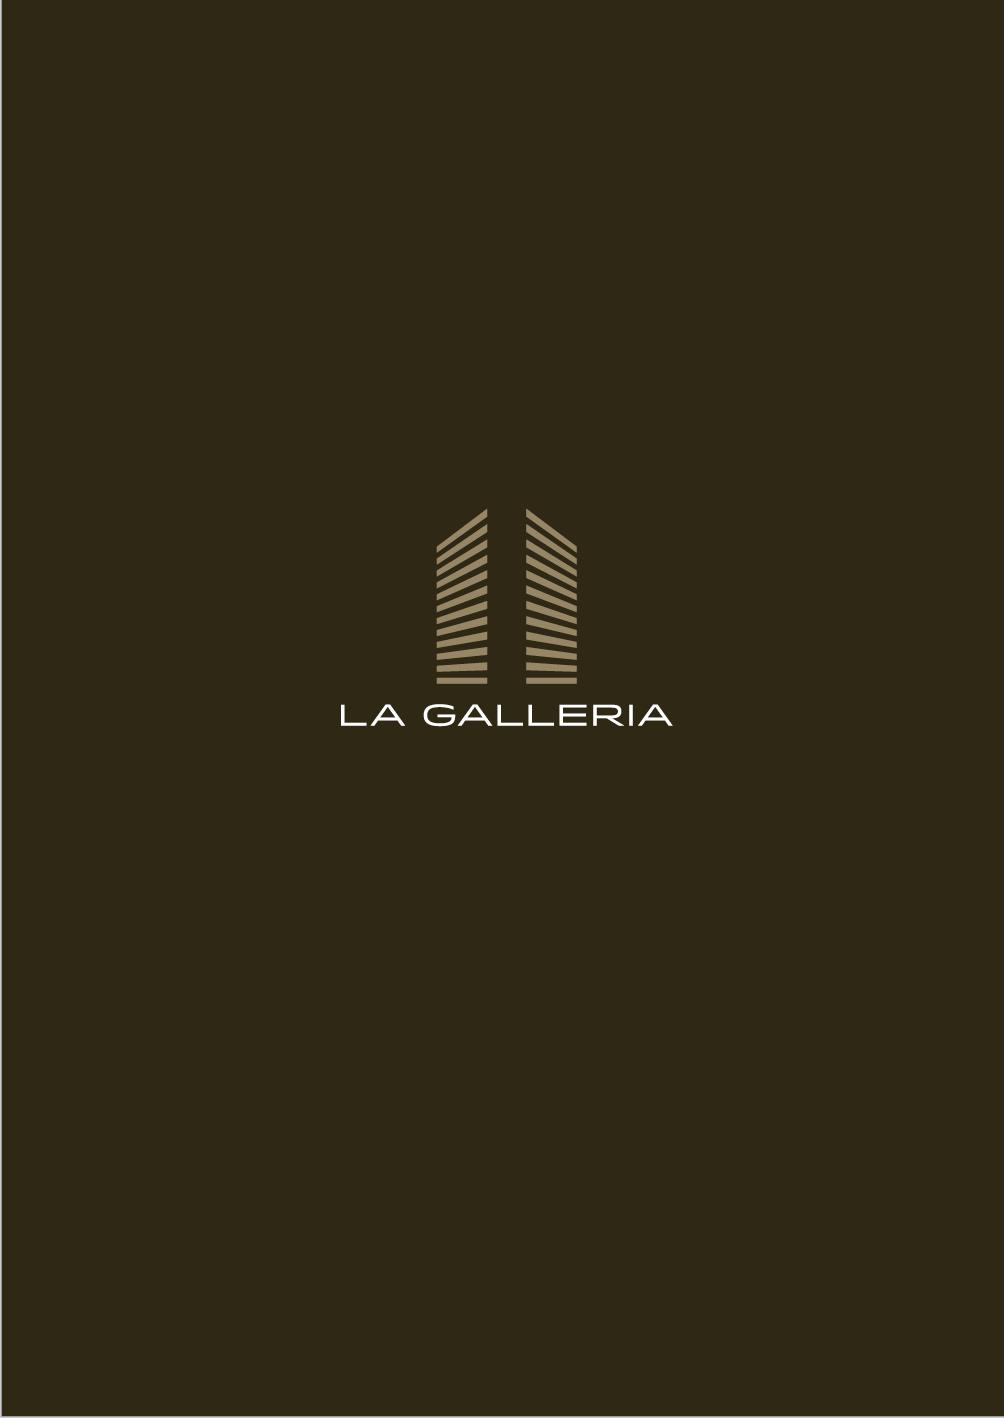 La Galleria Parma - Leasing Brochure 2019